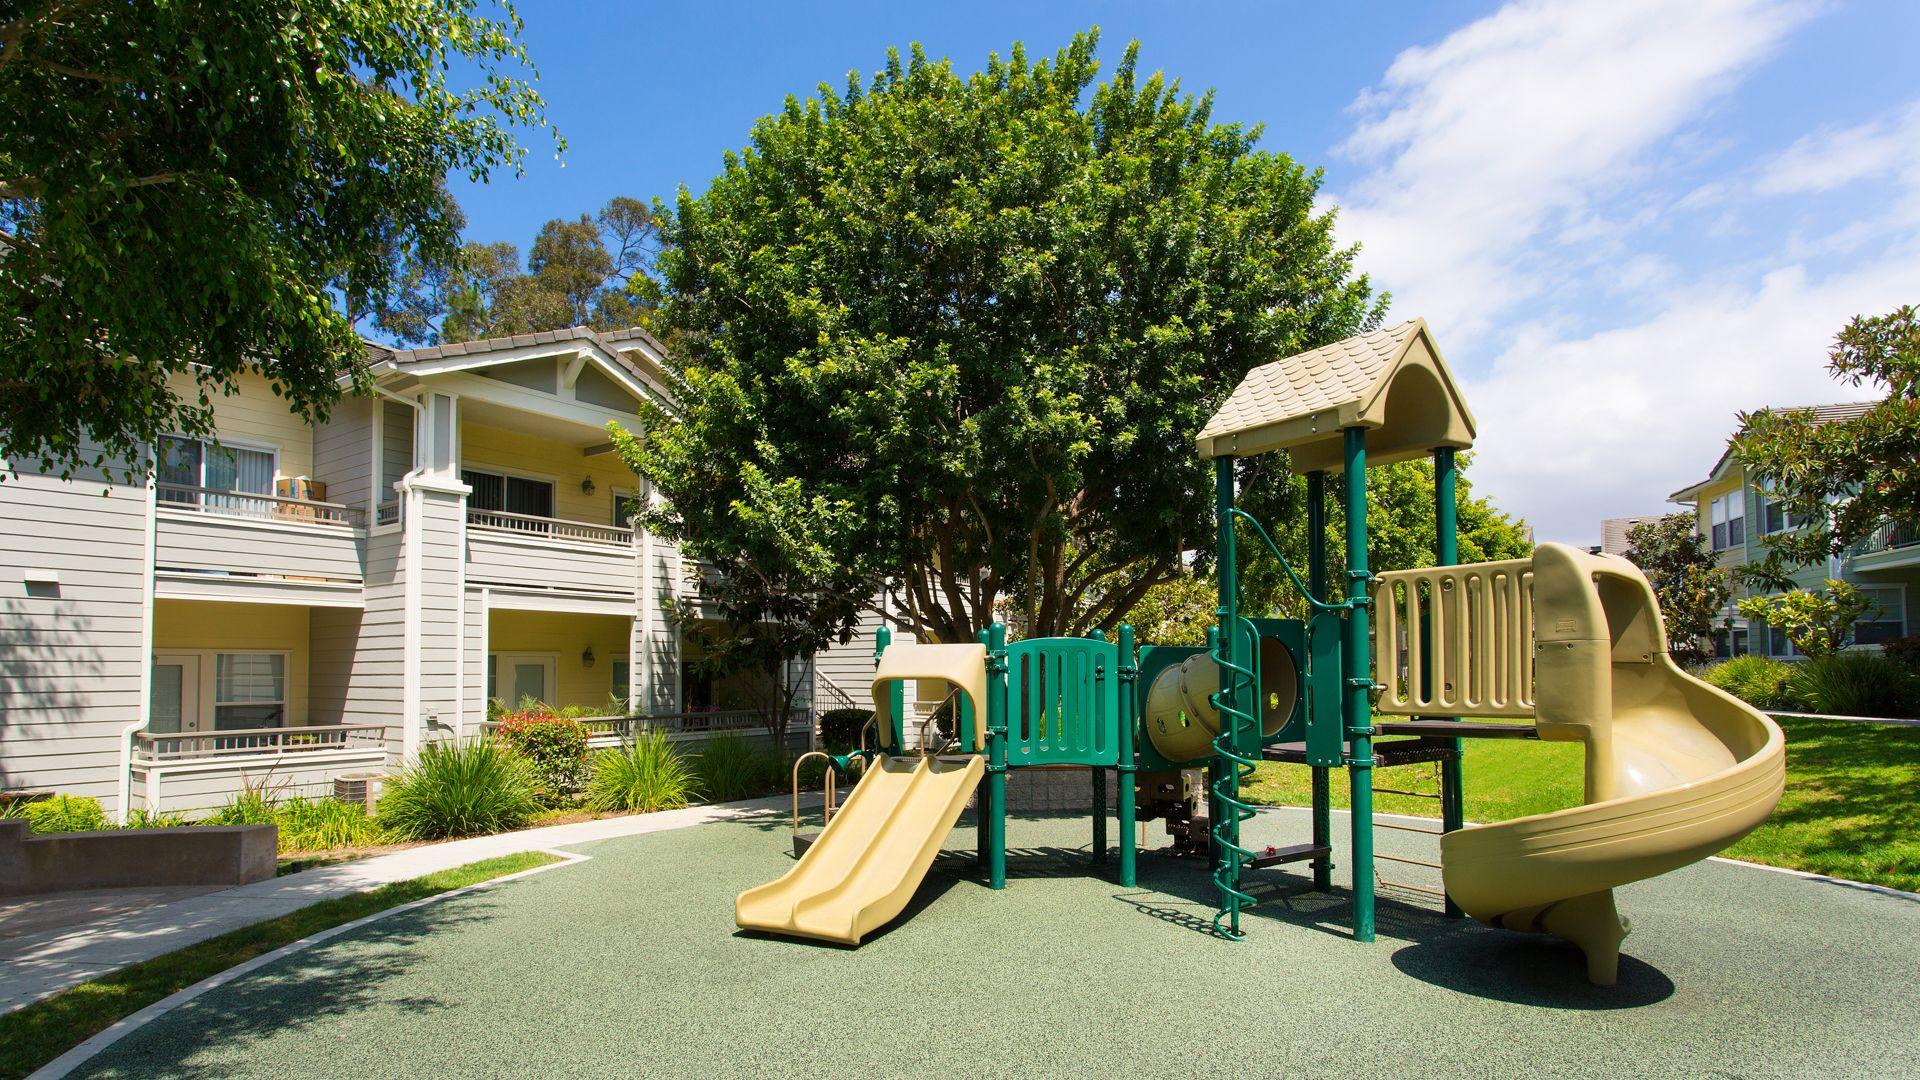 Via Ventura - Playground